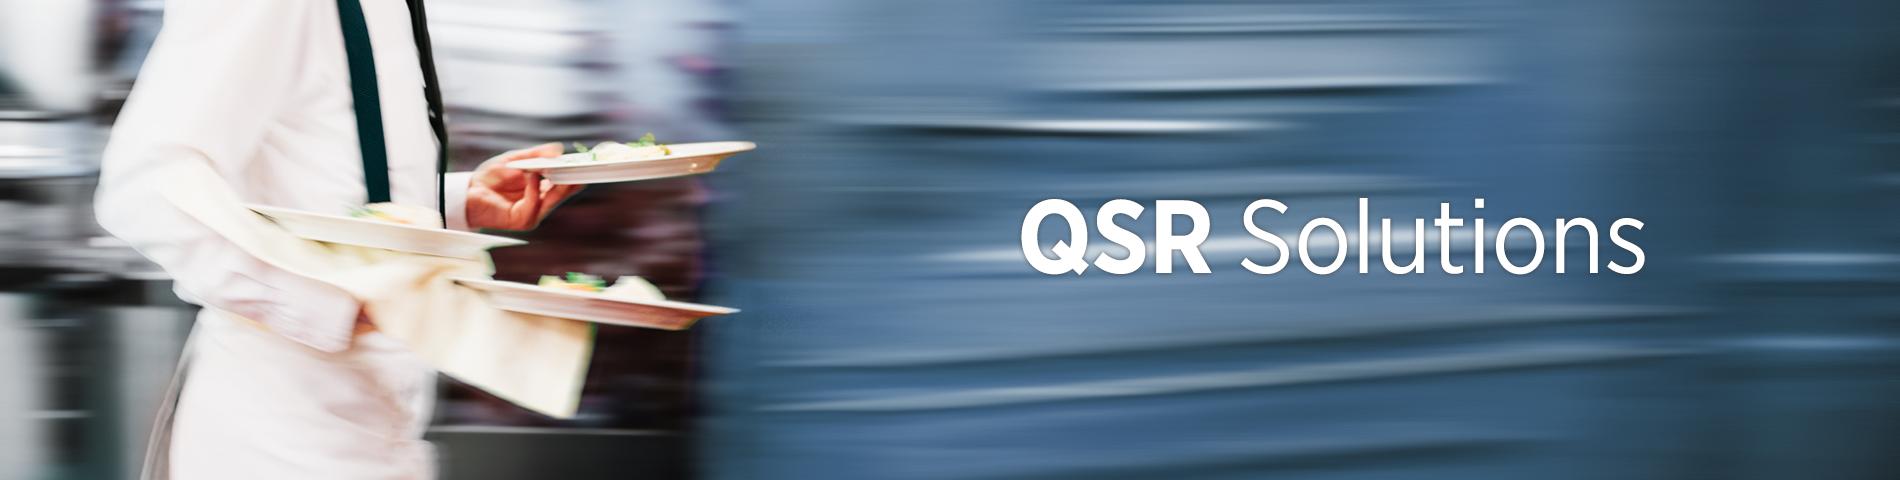 QSR Solutions